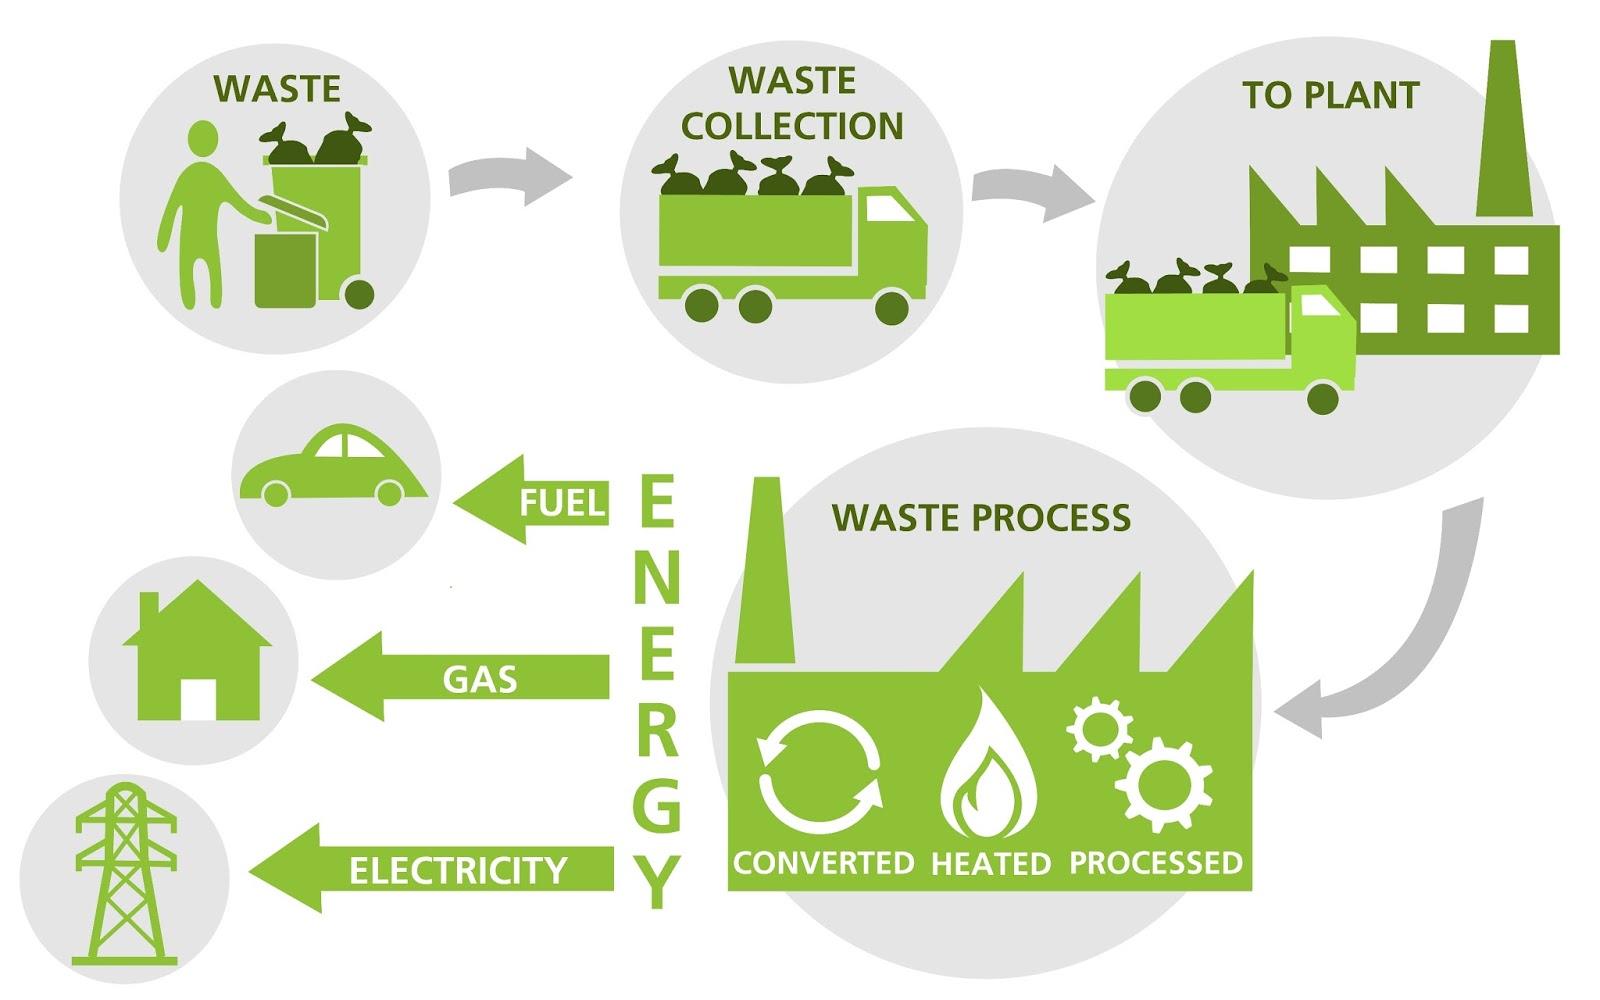 Teknologi Waste to Energy - Hasilkan Tenaga Dari Sisa Buangan